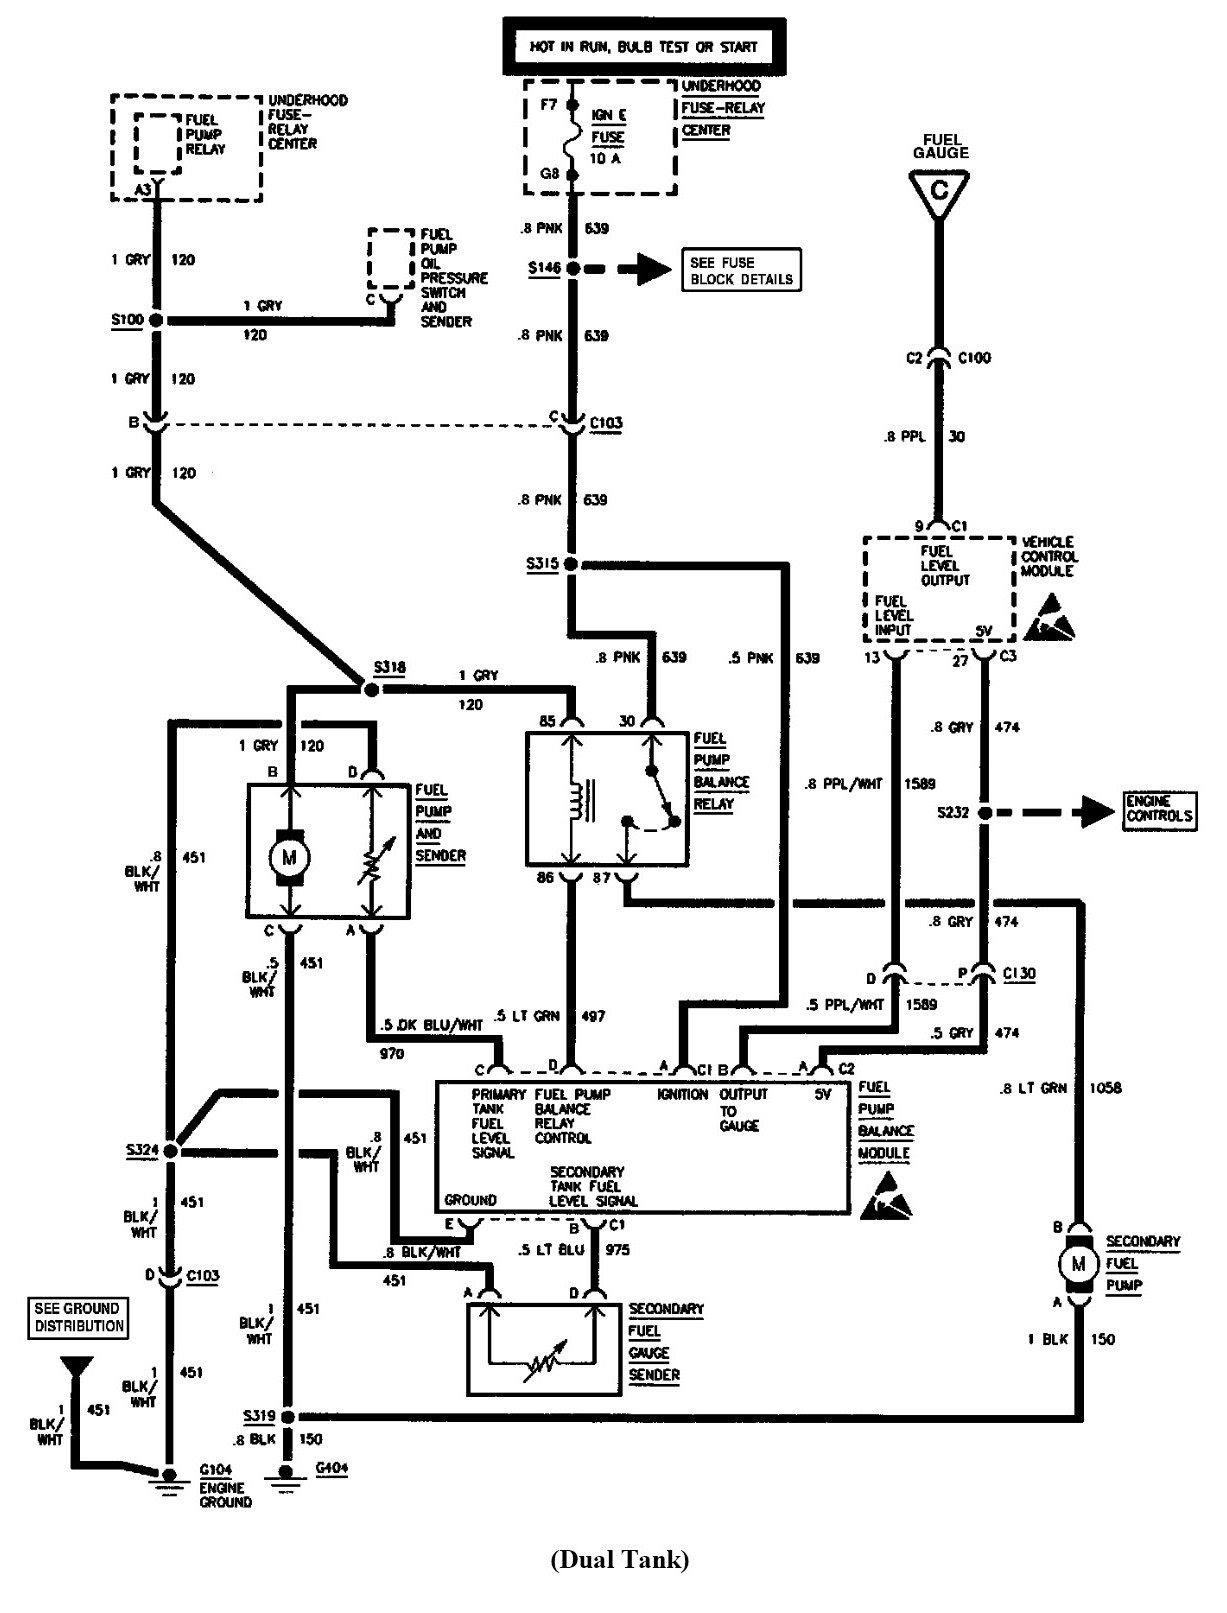 Airtex Fuel Pump Wiring Diagram : Airtex Fuel Pump Wiring